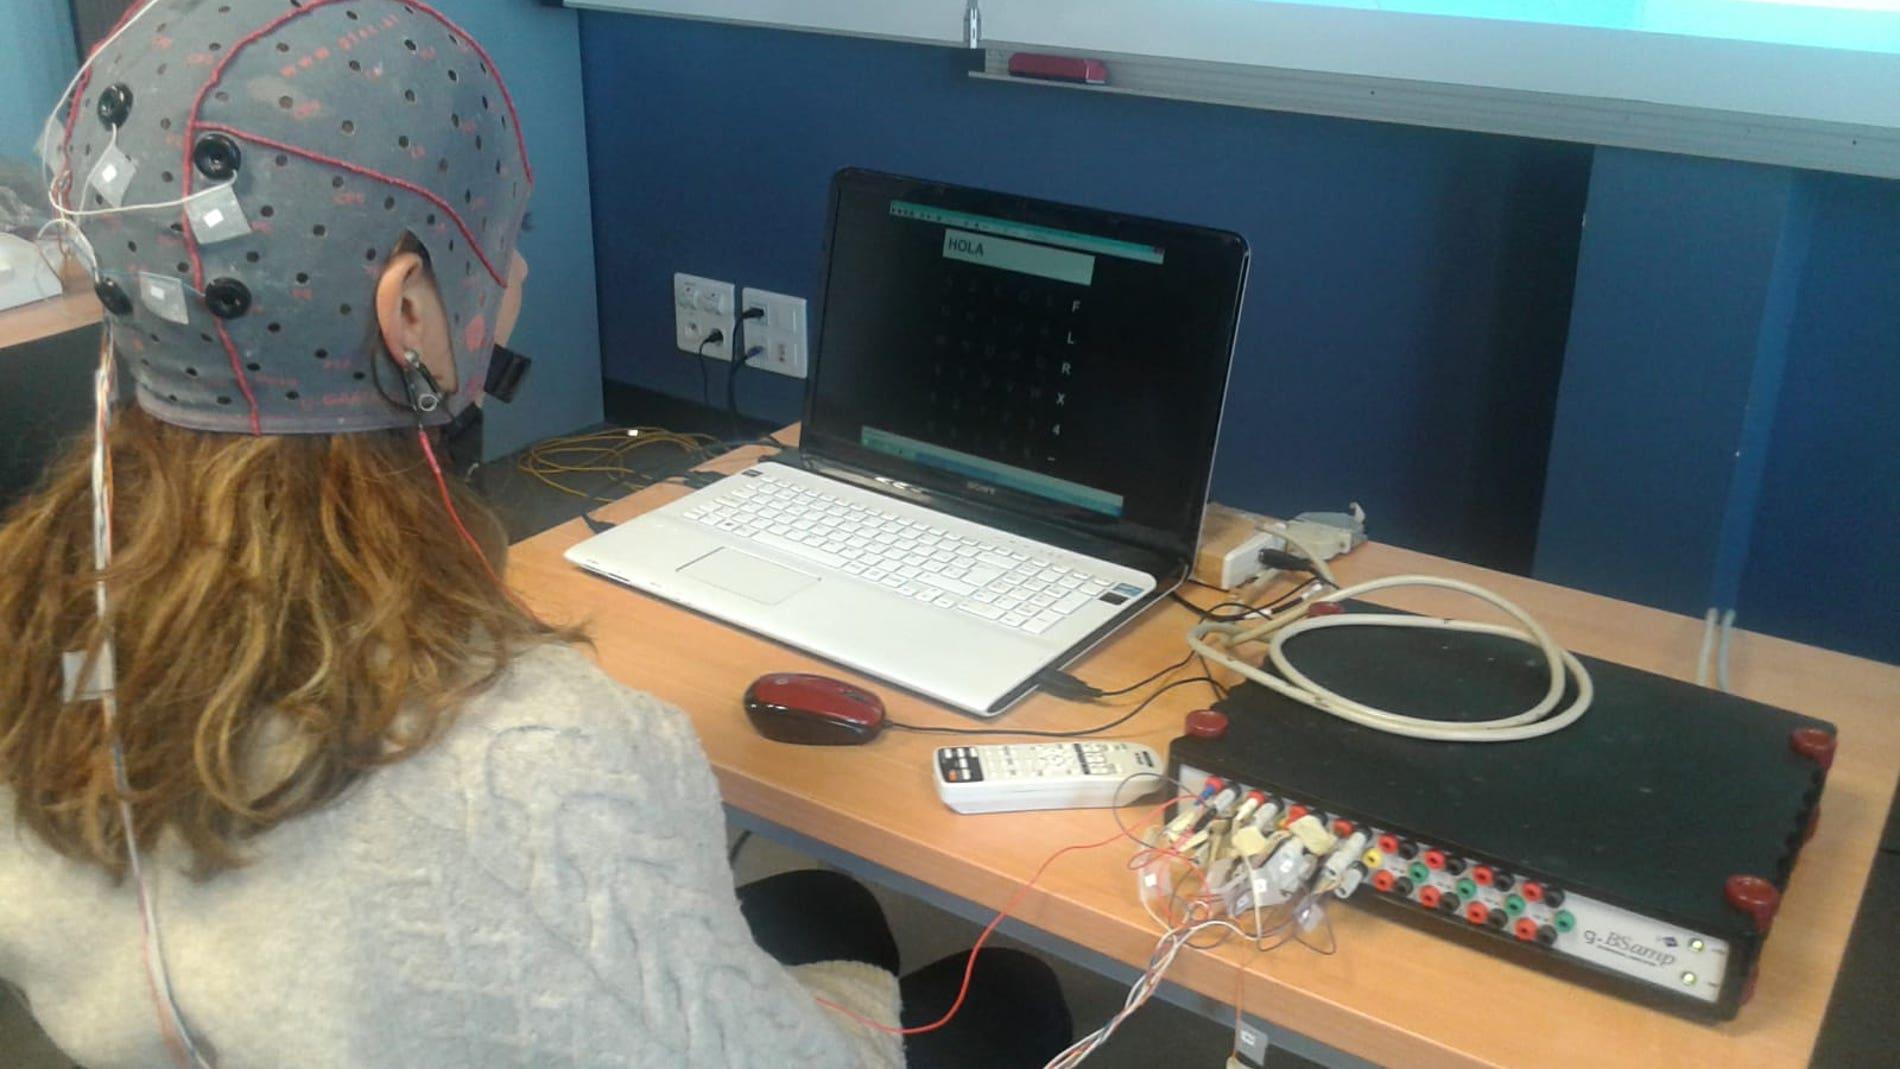 Un sistema cerebro maquina ayuda a comunicarse a personas con paralisis muscular